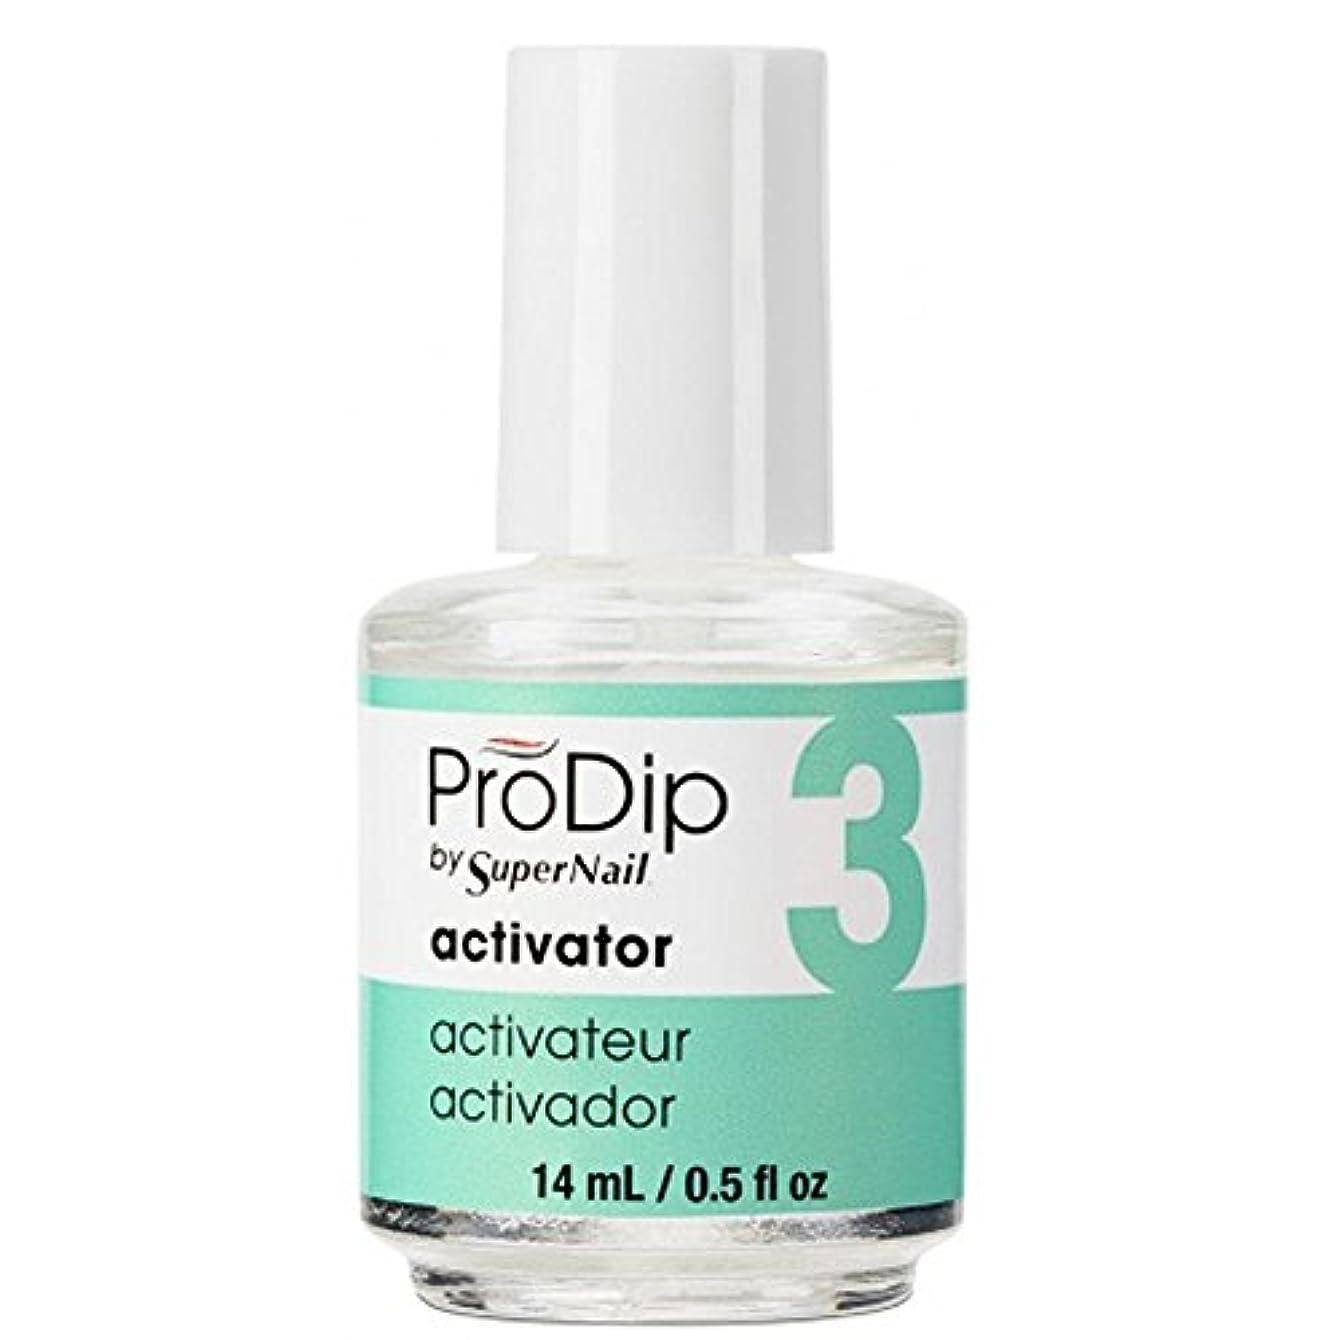 結婚する大臣蒸留SuperNail ProDip - Activator - 14 ml/0.5 oz